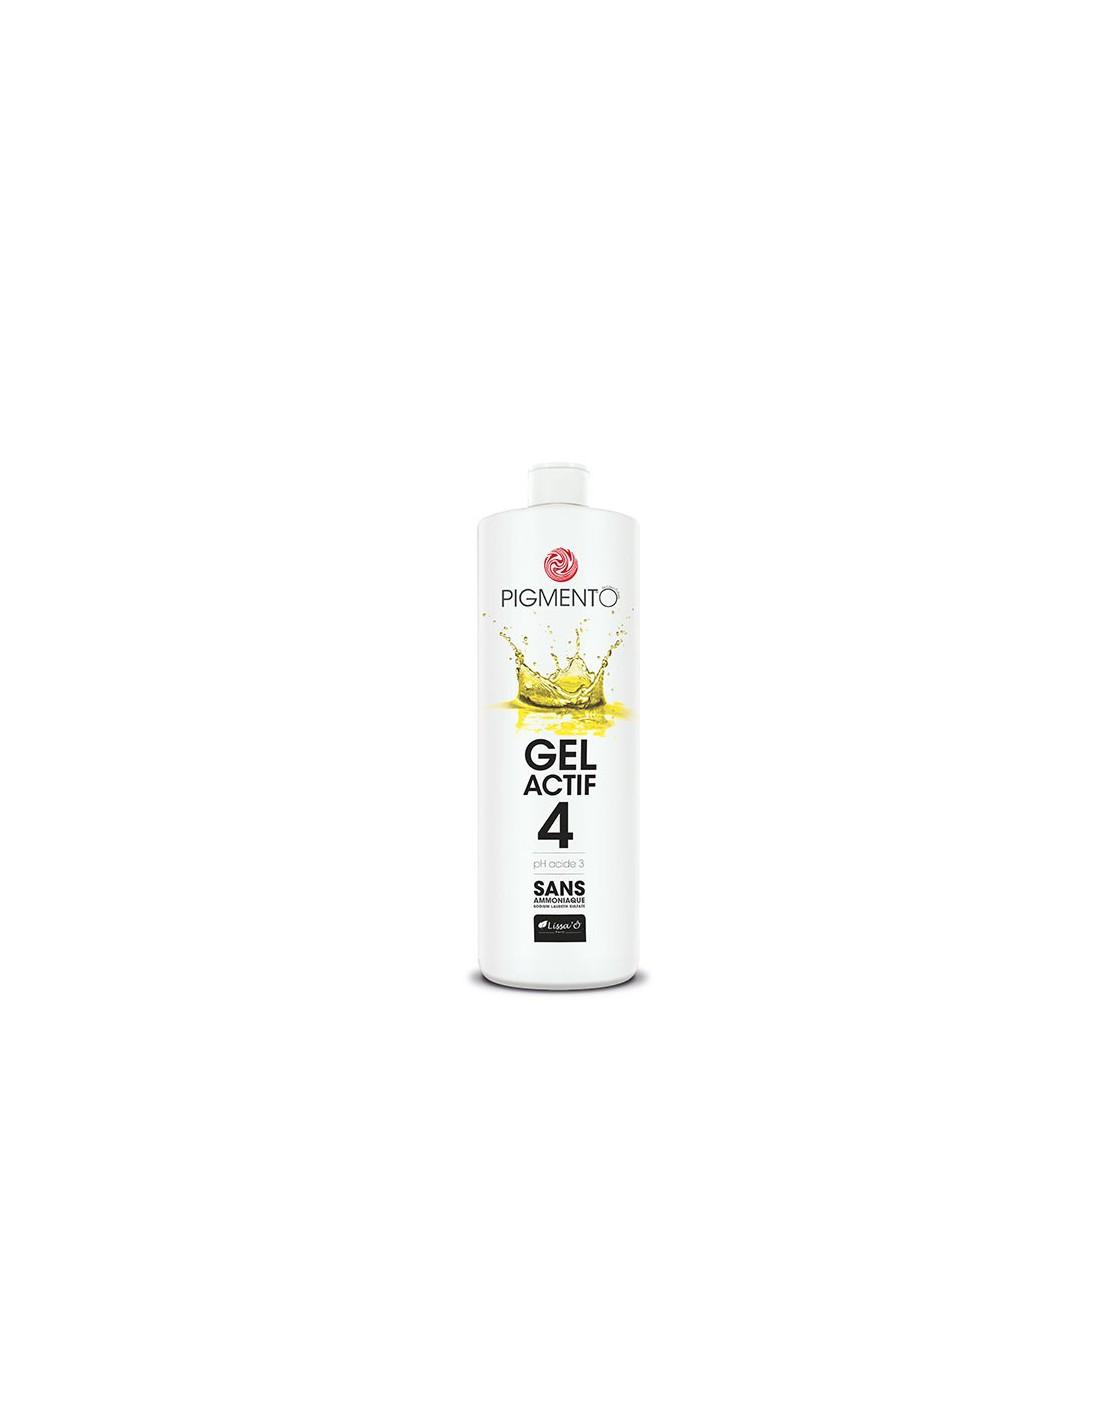 Gel actif n°4 - 1000 ml